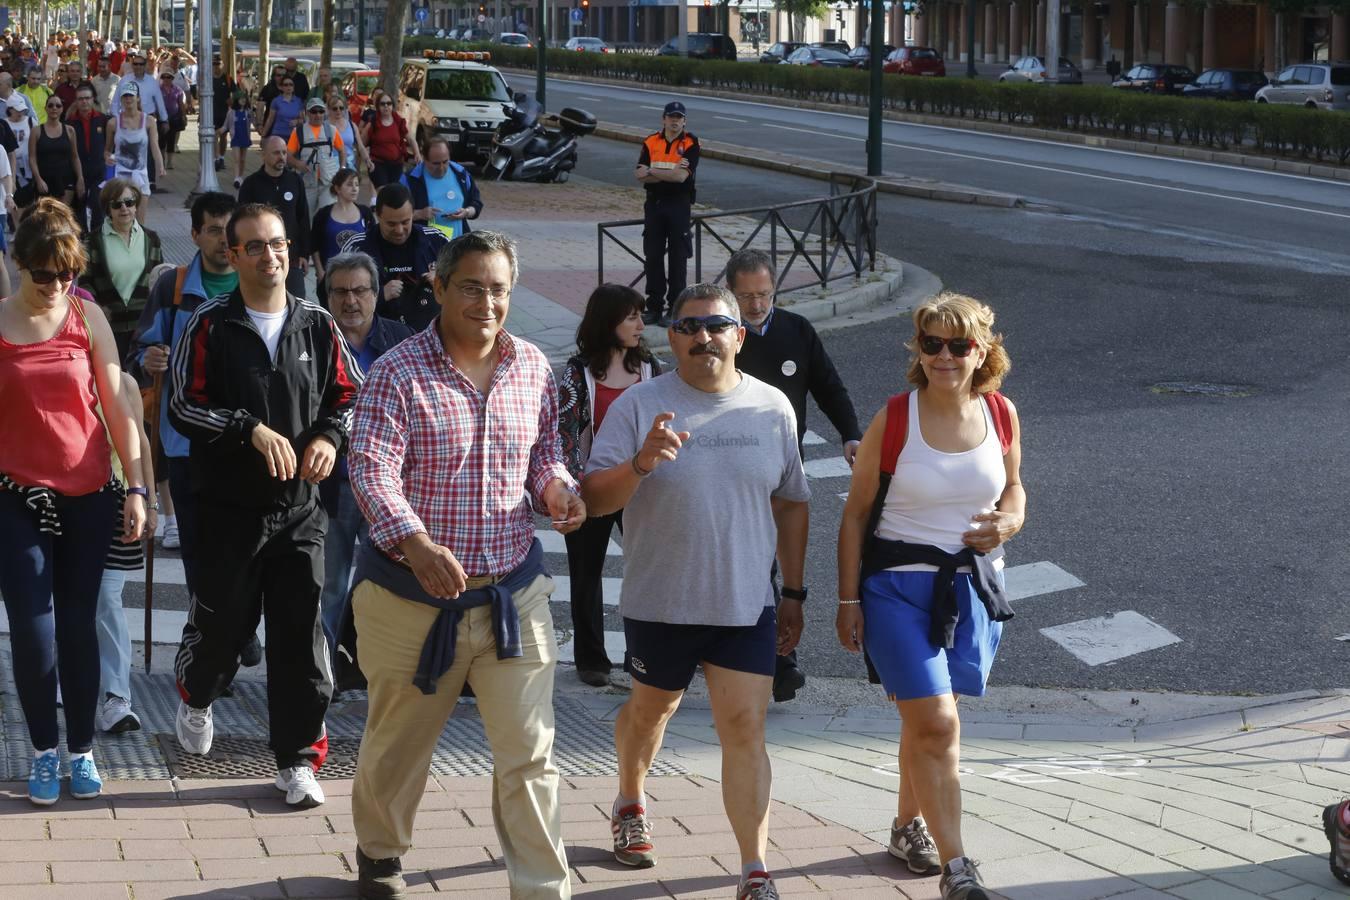 Marcha Asprona 2014 en Valladolid (2/15)